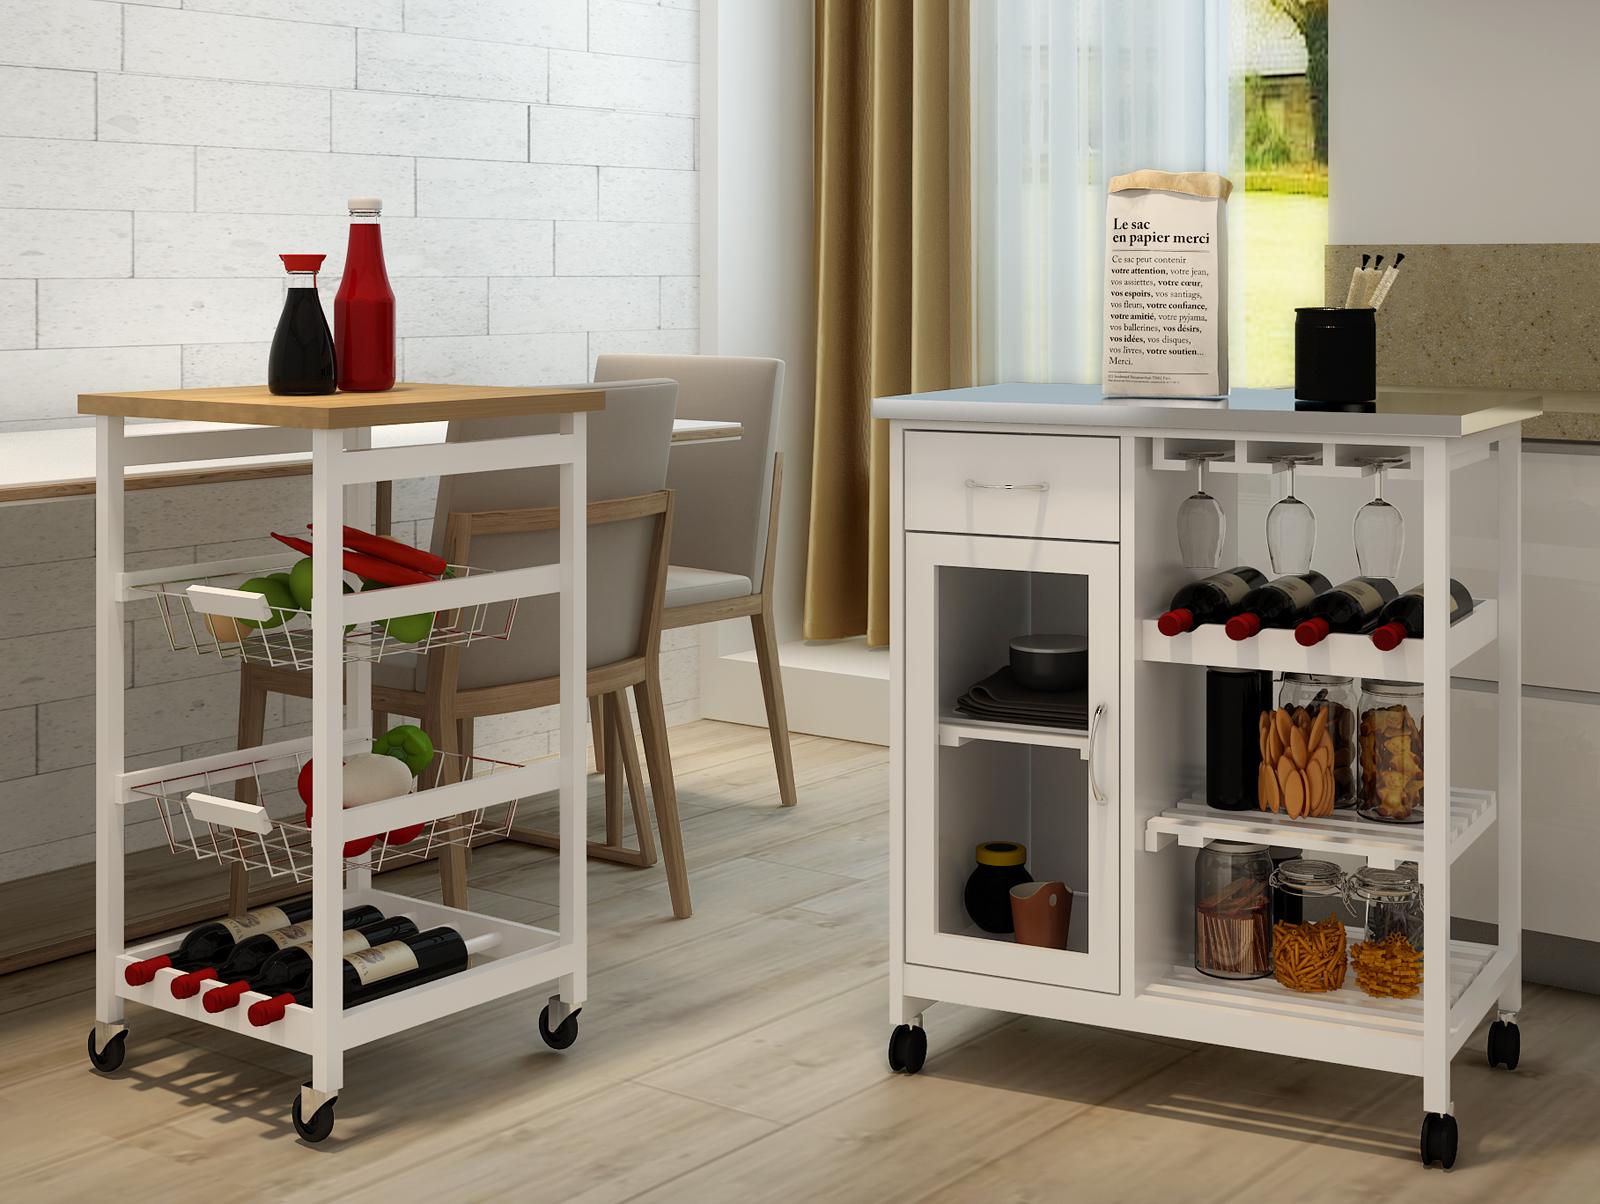 Küchenwagen Eiche Optik Rollwagen Servierwagen Beistellwagen Küche Tisch  Regal